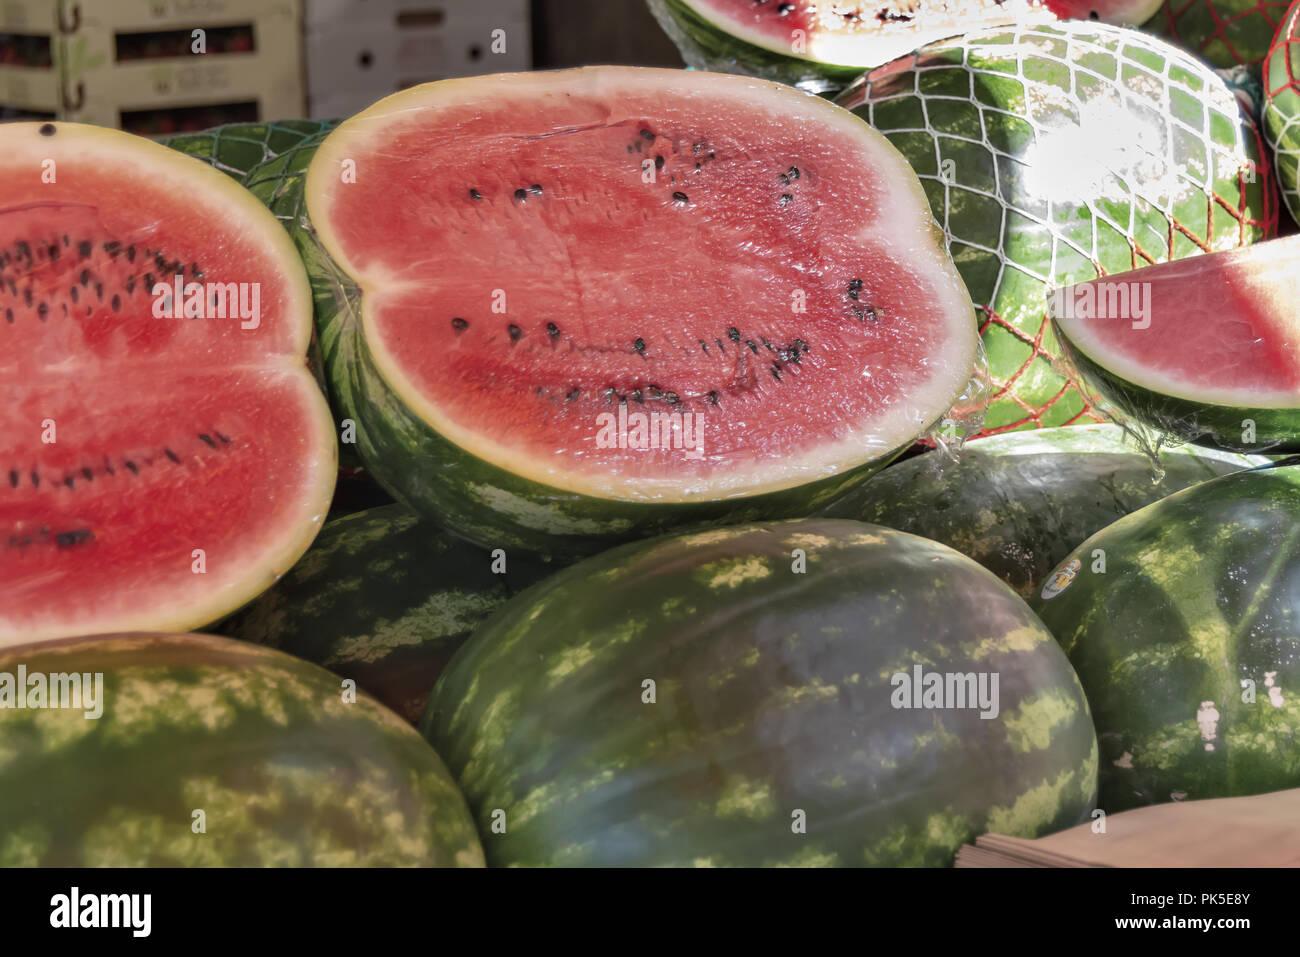 Mercato della frutta della verdura e del pesce Ventimiglia anguria - Stock Image